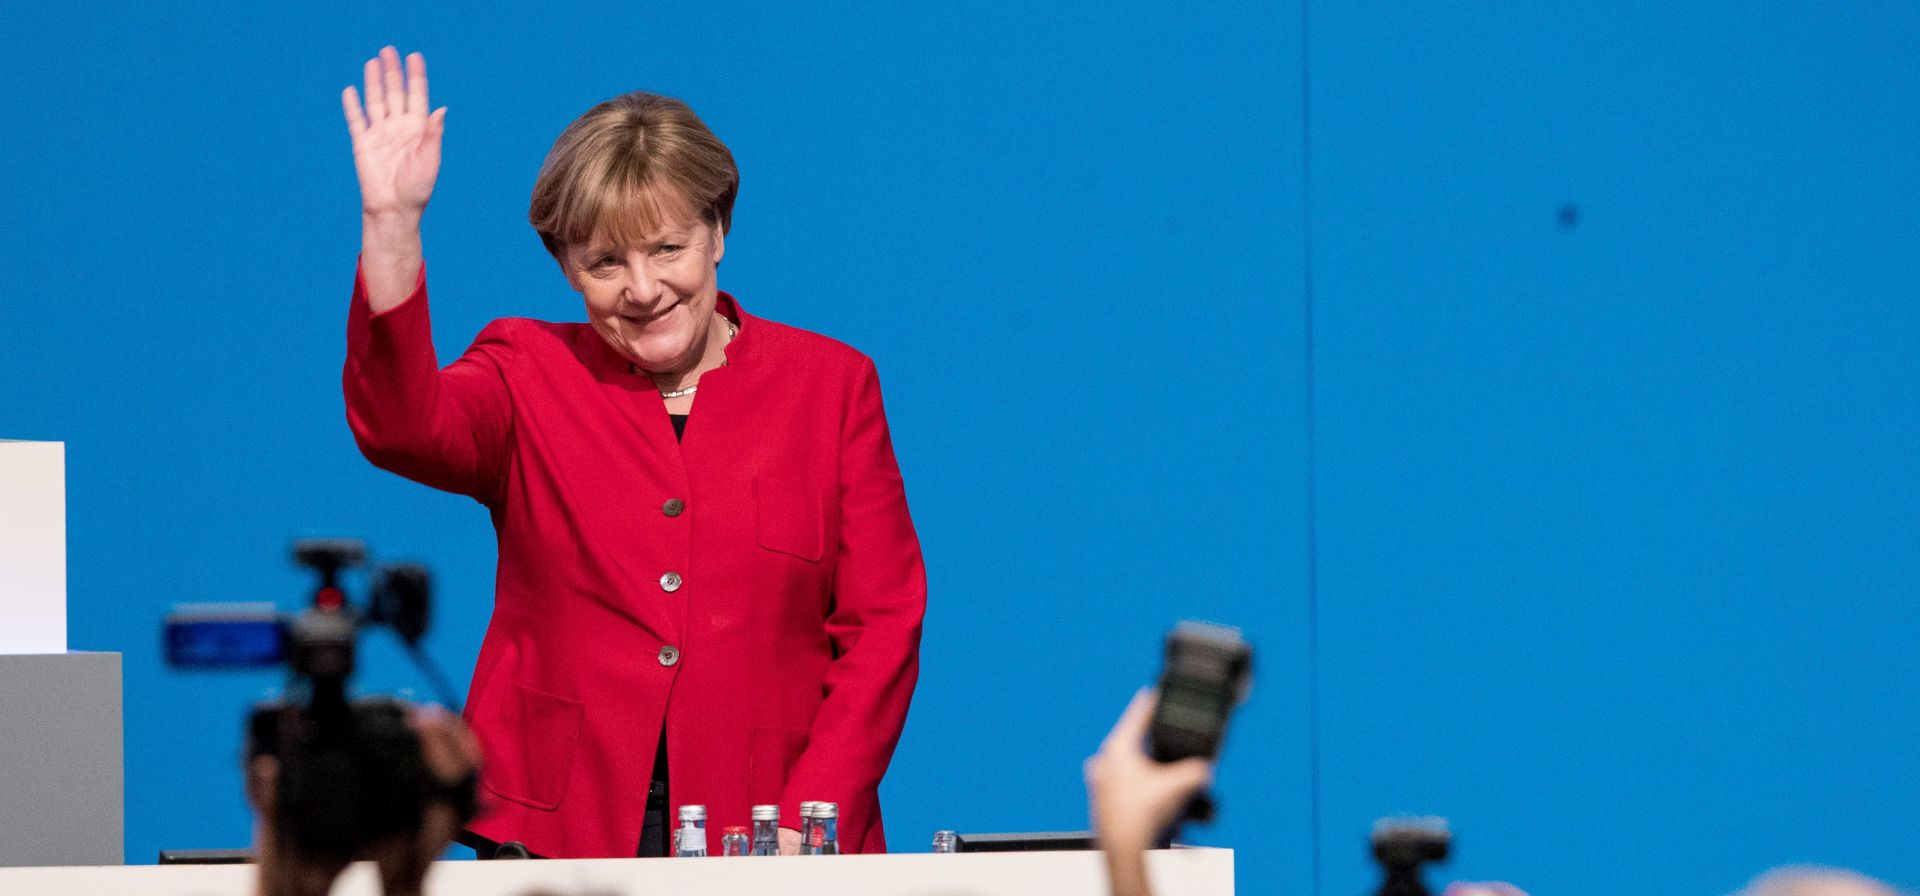 ČETVRTI MANDAT Merkel ponovno izabrana za predsjednicu CDU-a